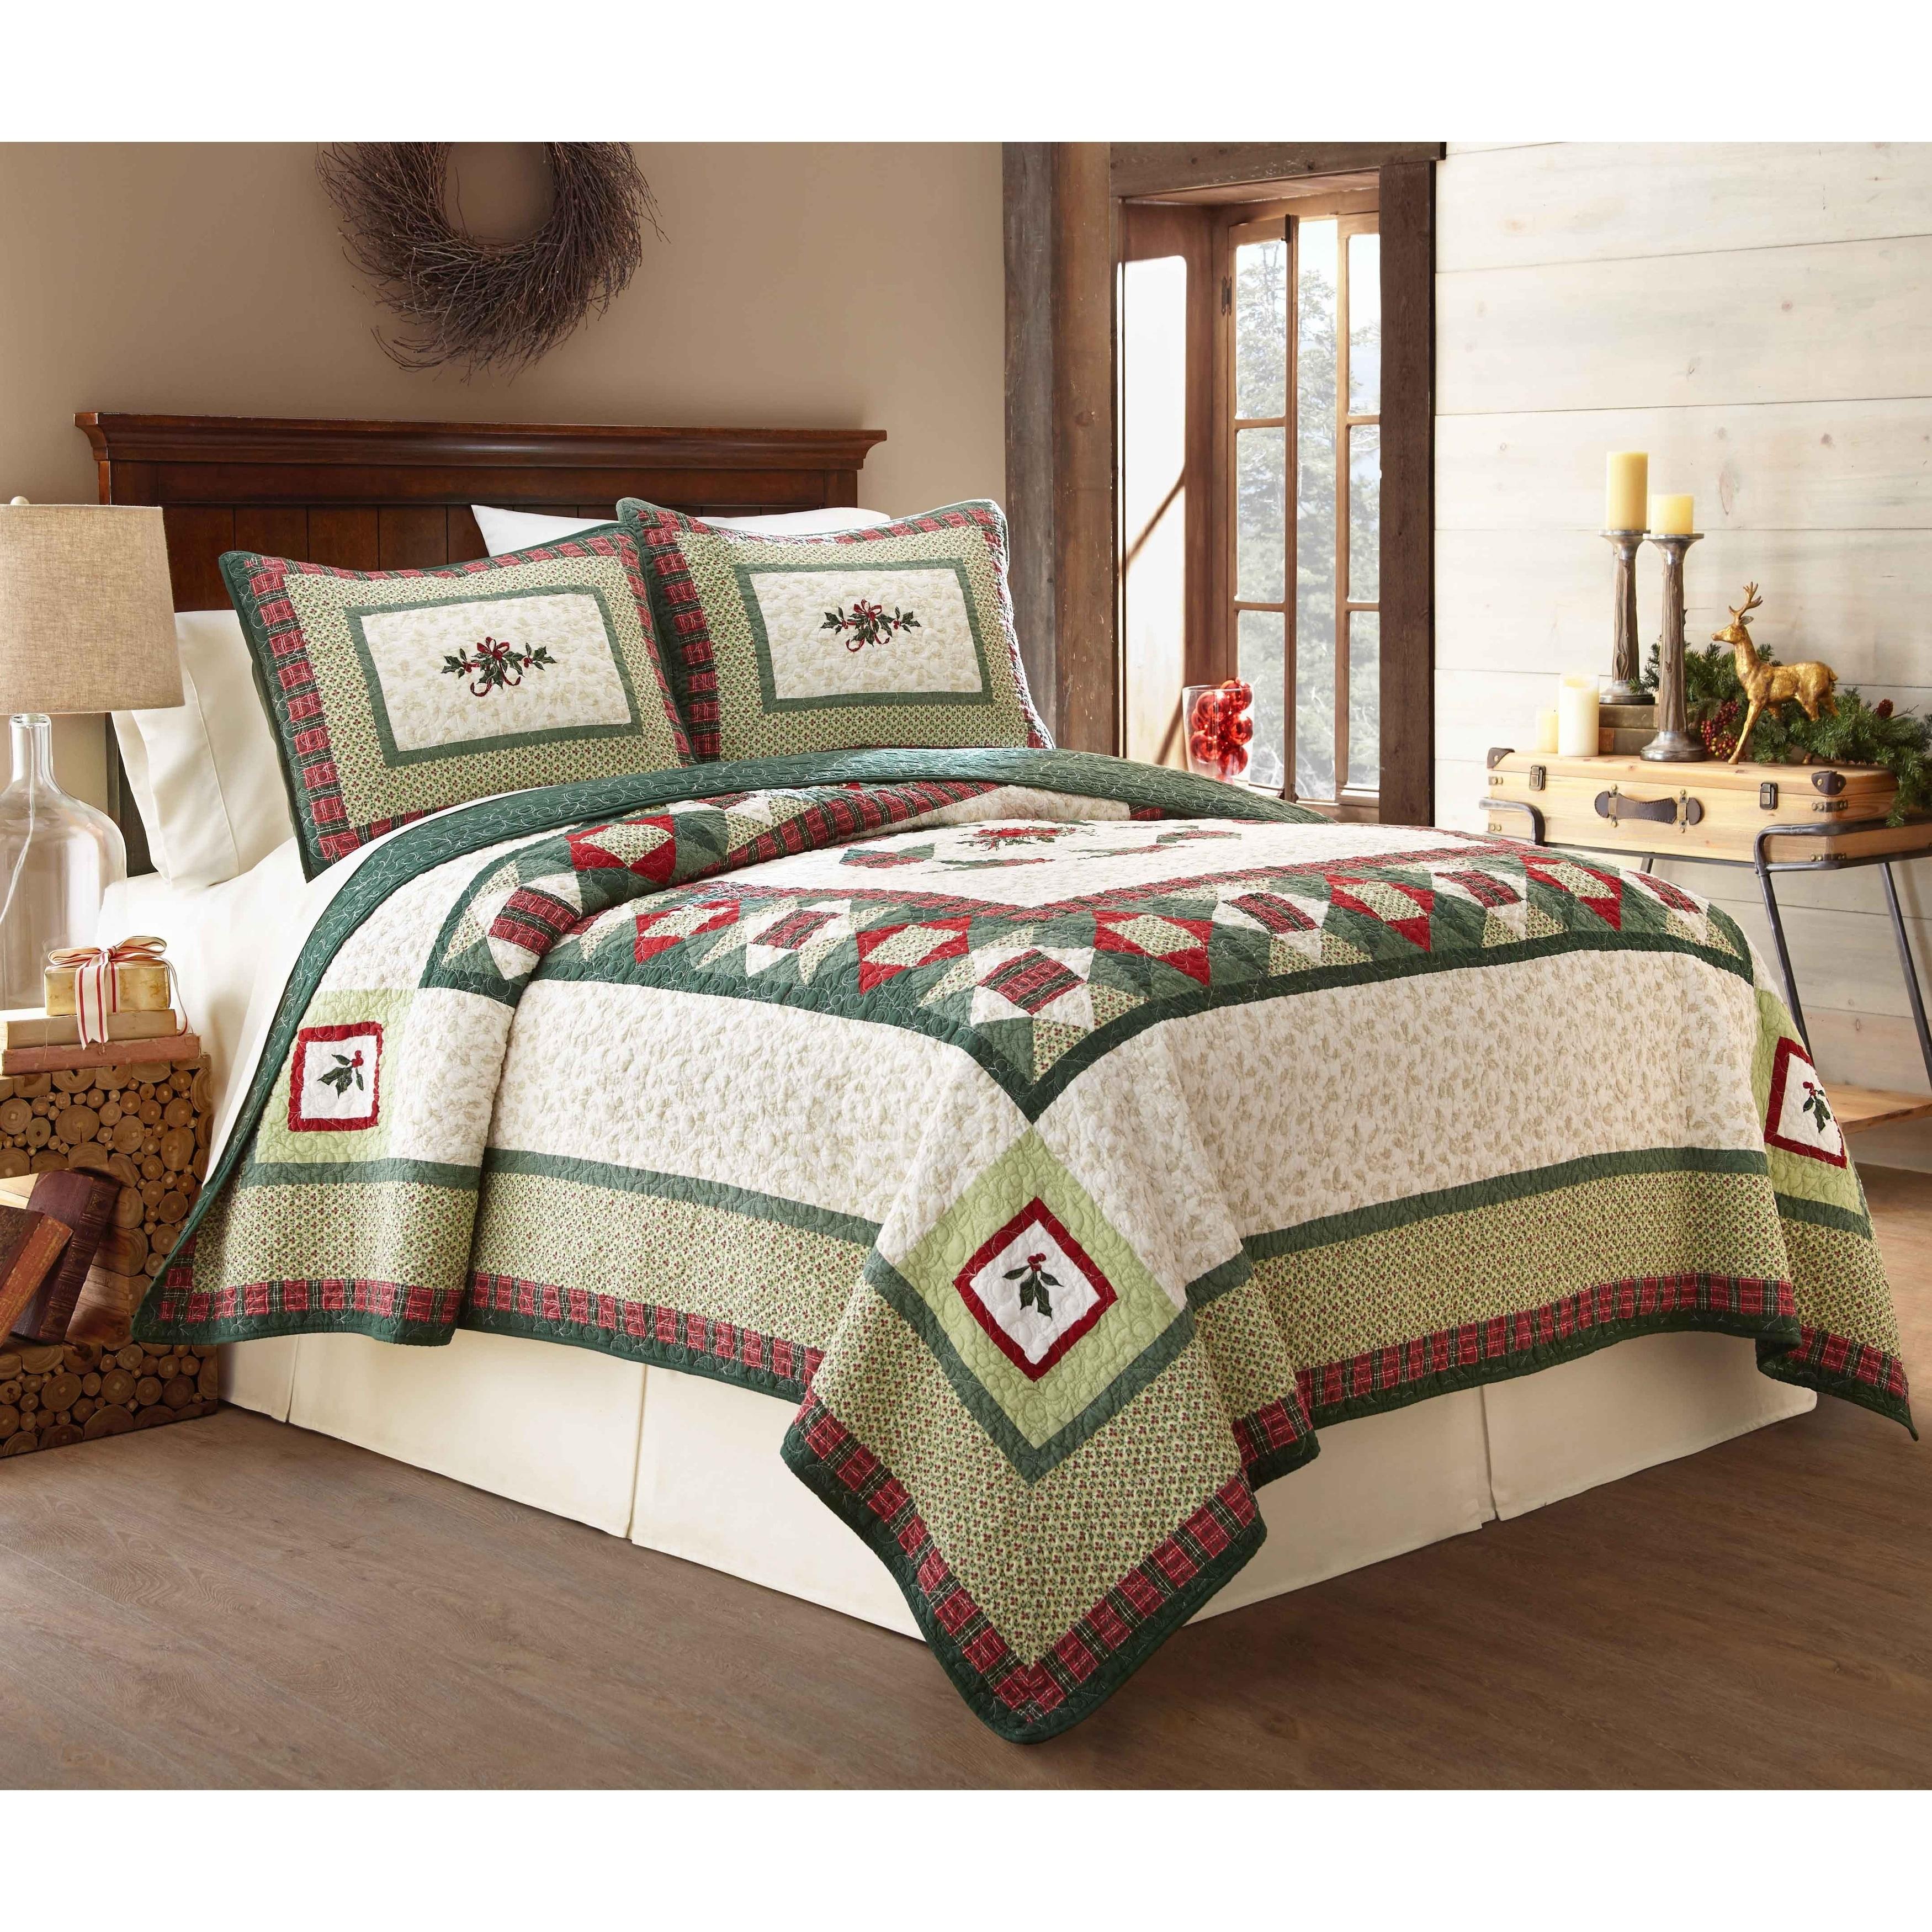 Shop Lenox Winter Greetings 100 Percent Cotton 3 Piece Quilt Sets